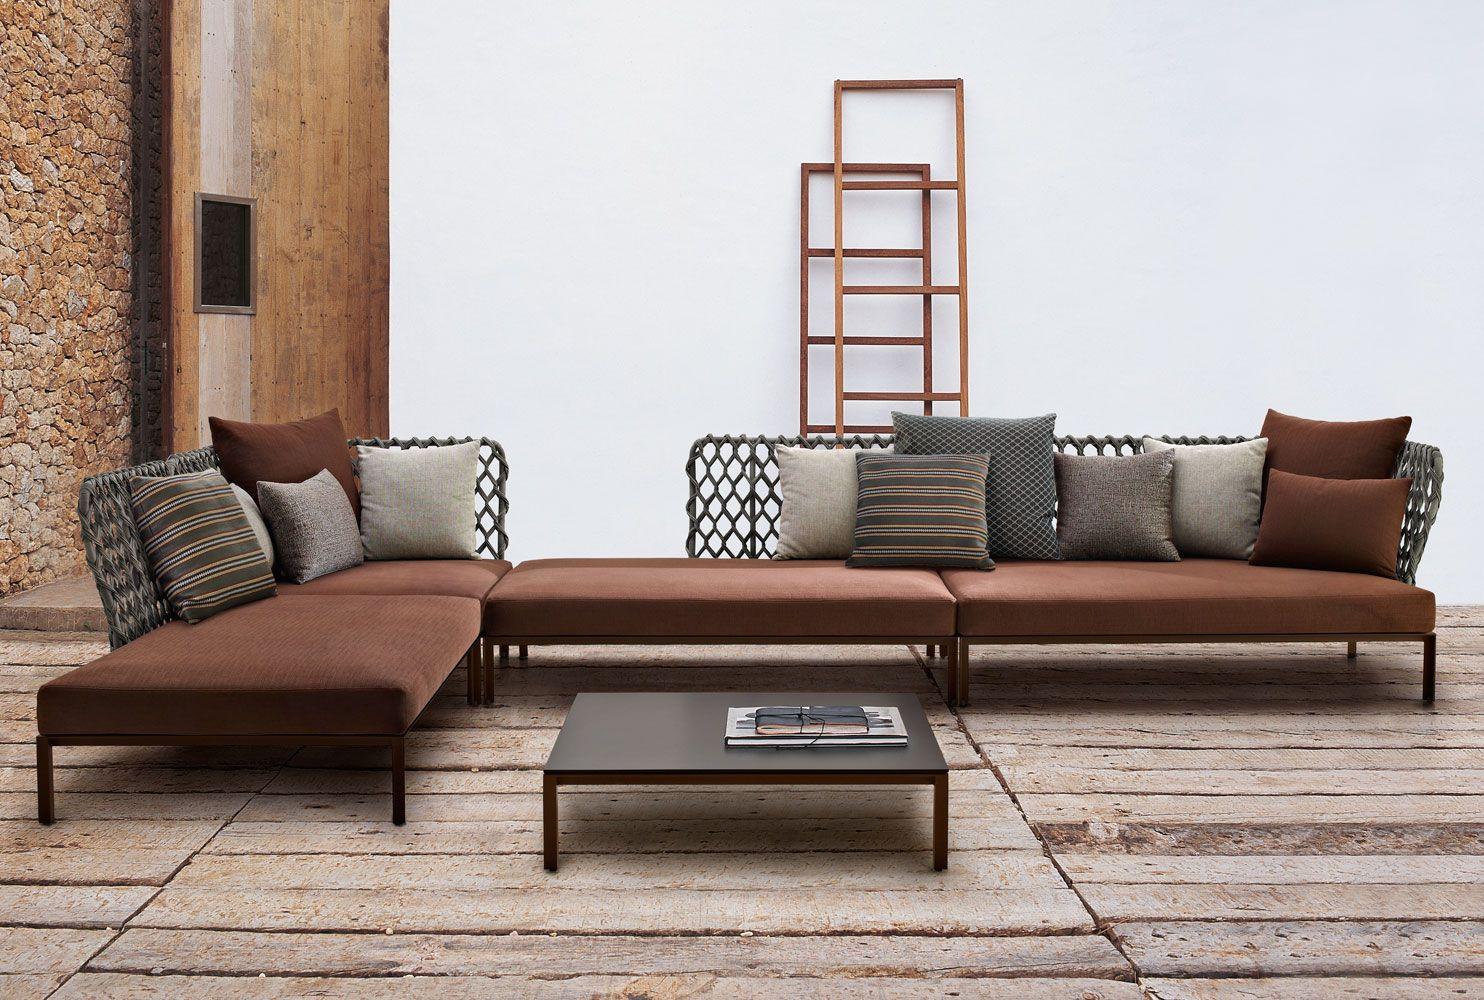 Sofa: RAVEL – Collection: B&B Italia Outdoor – Design: Patricia Urquiola